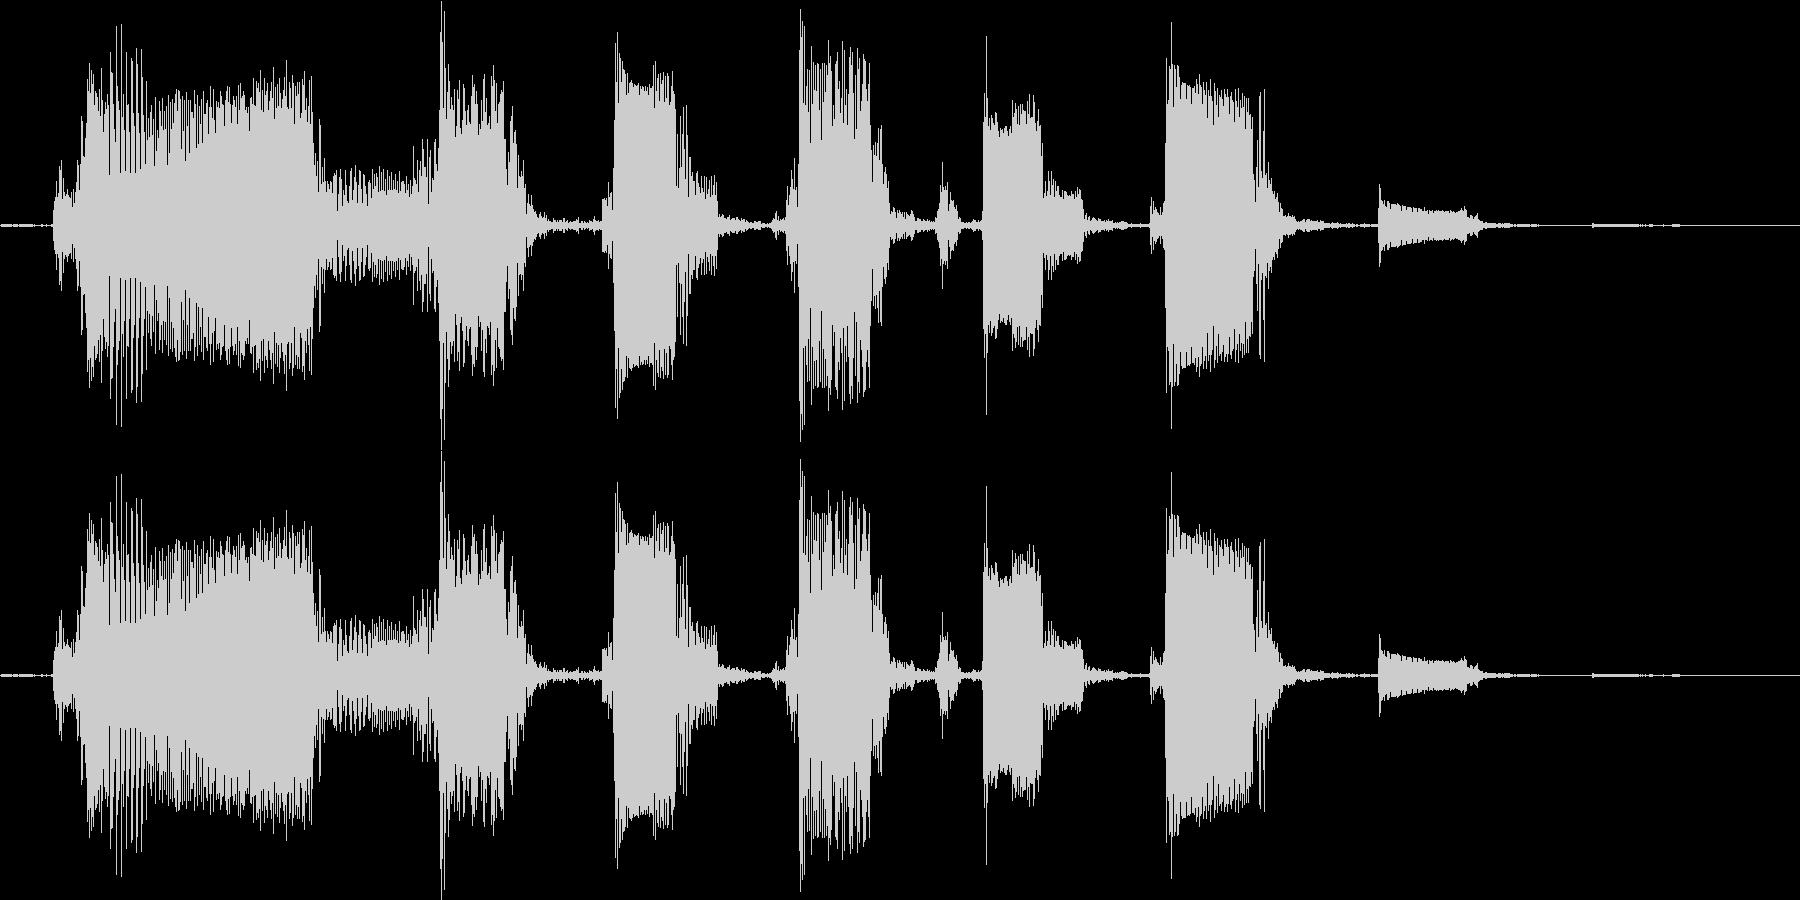 【ピコピコな音】Byエレキギターの未再生の波形